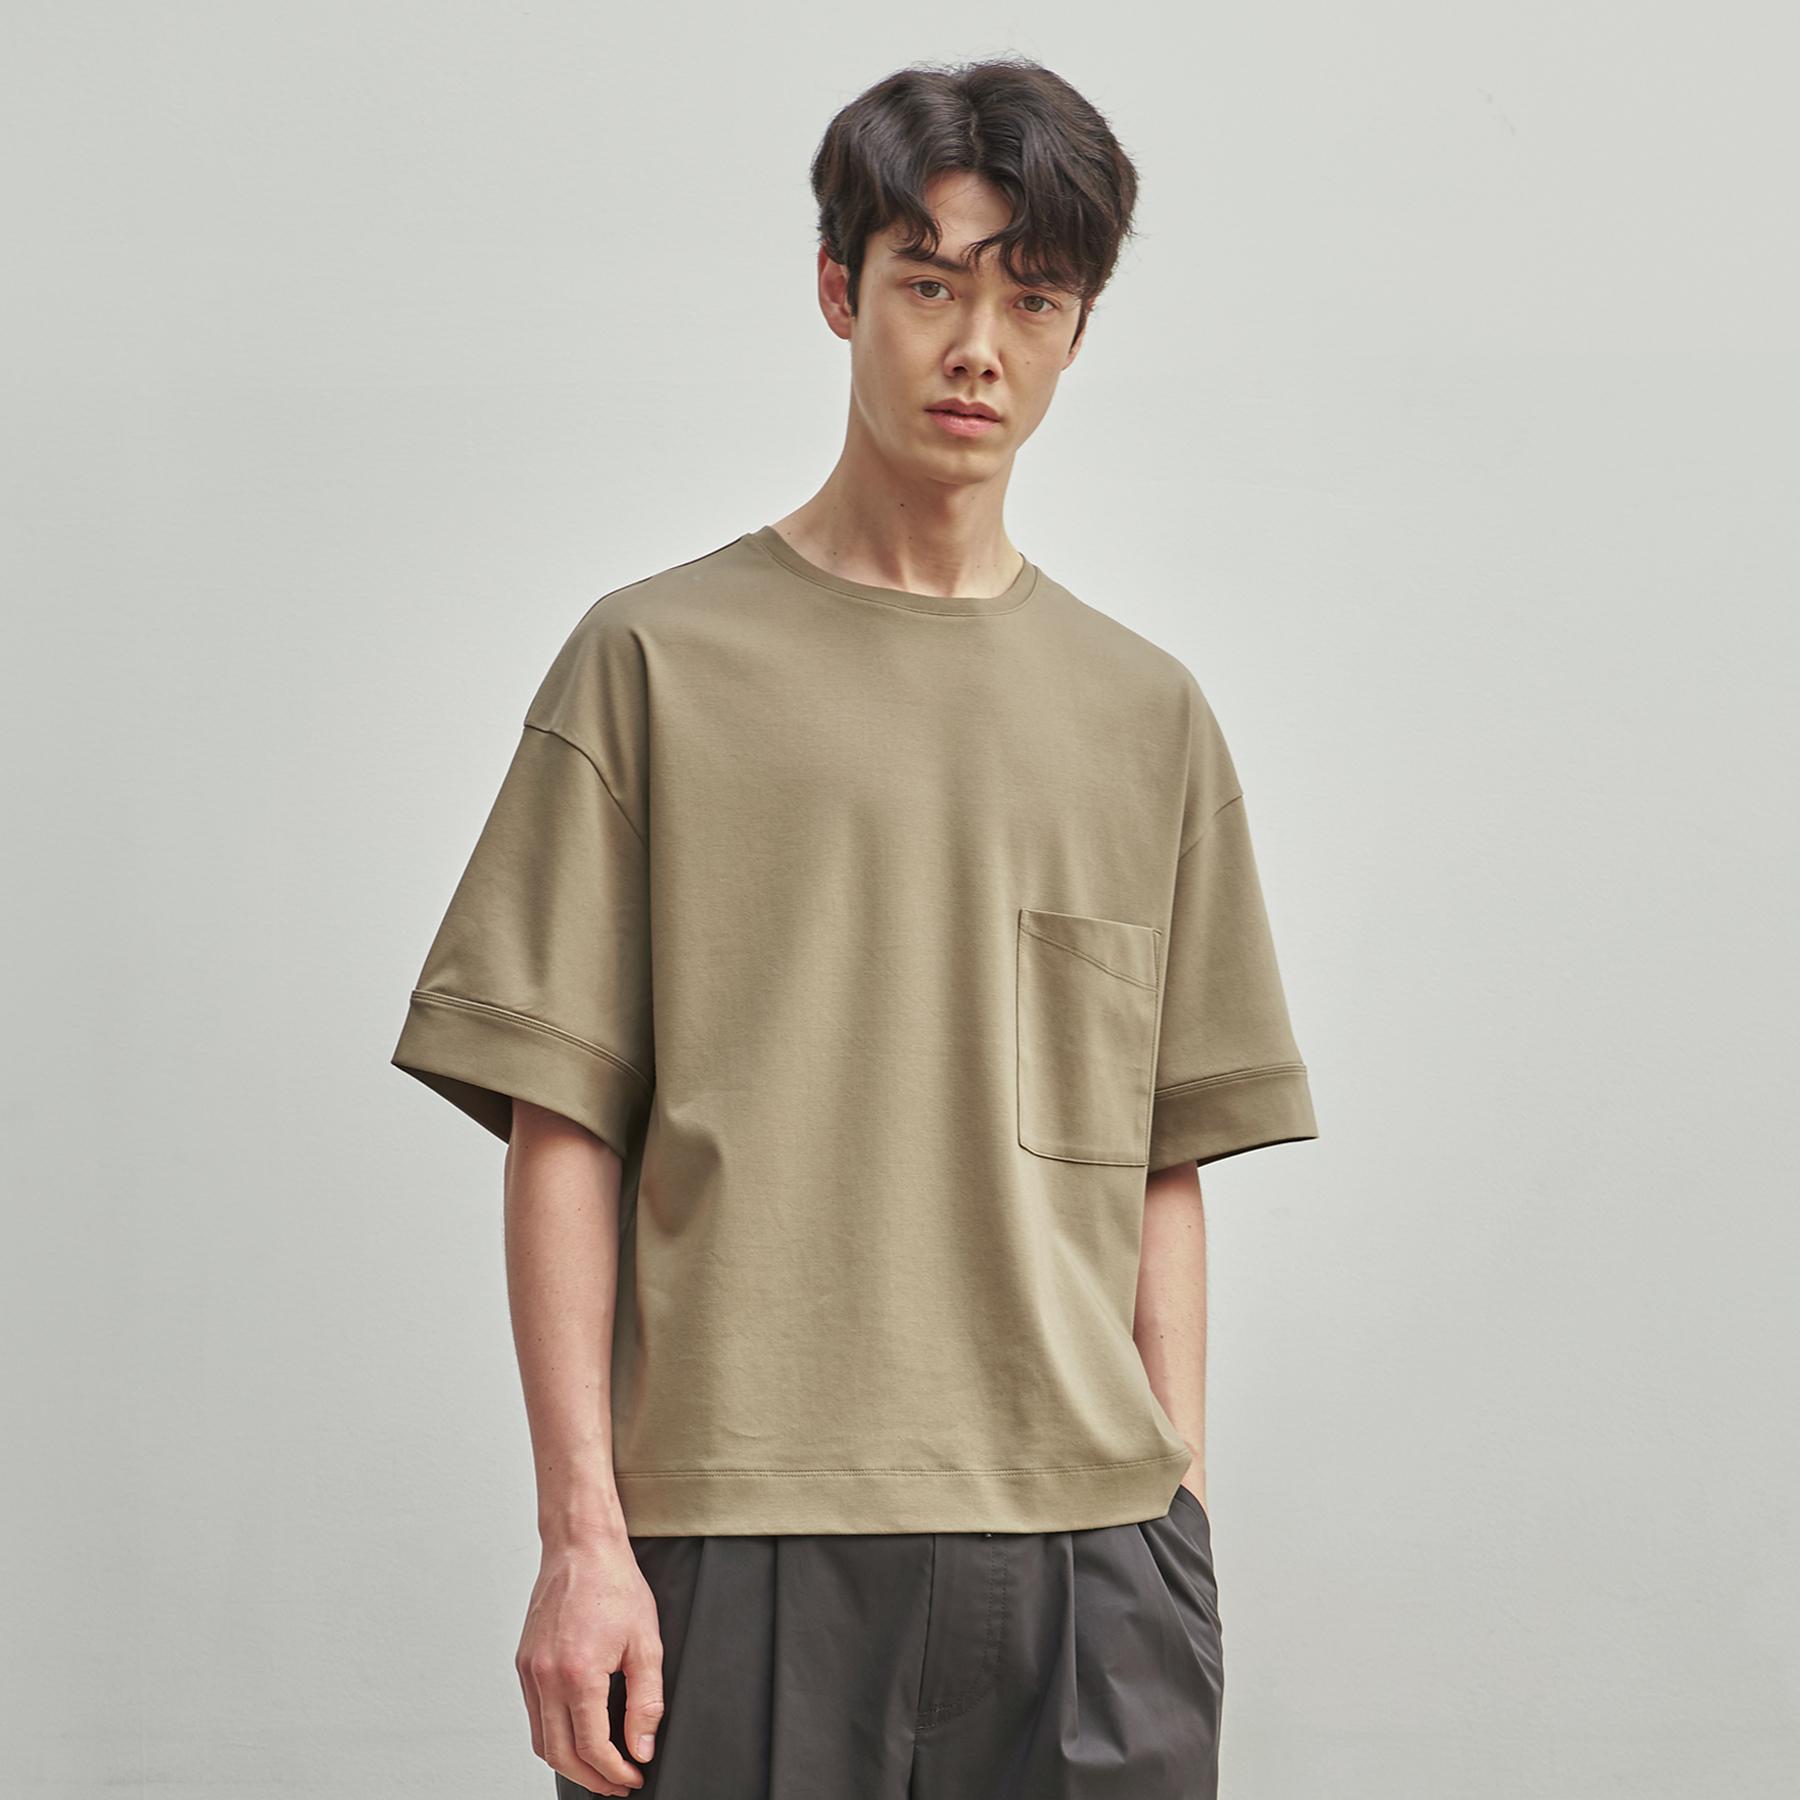 라인 시그니쳐 오버사이즈 실켓 티셔츠(Khaki)